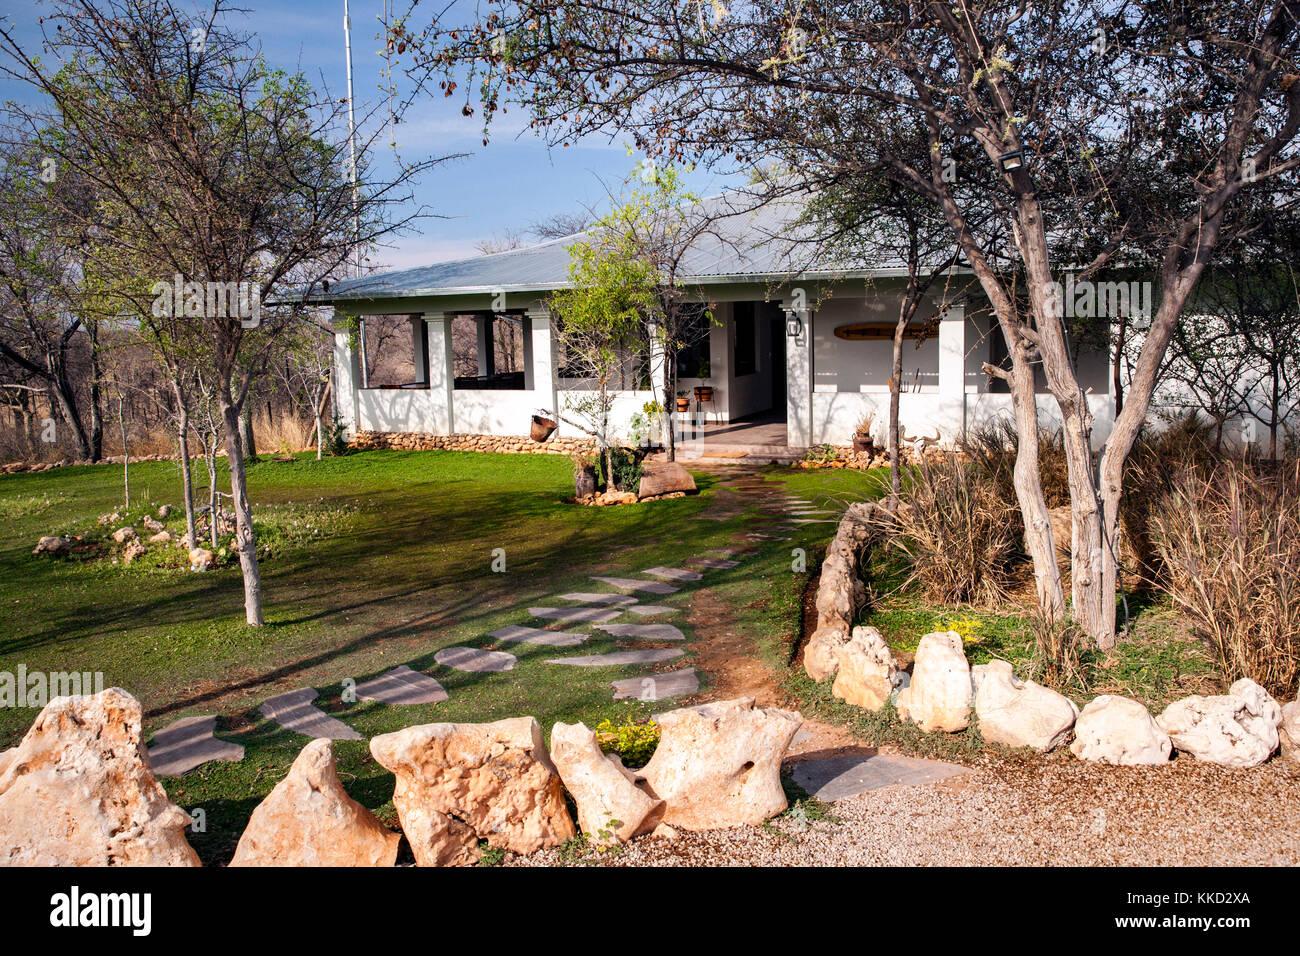 Réception à tamboti camping de luxe, onguma game reserve, la Namibie, l'Afrique Photo Stock